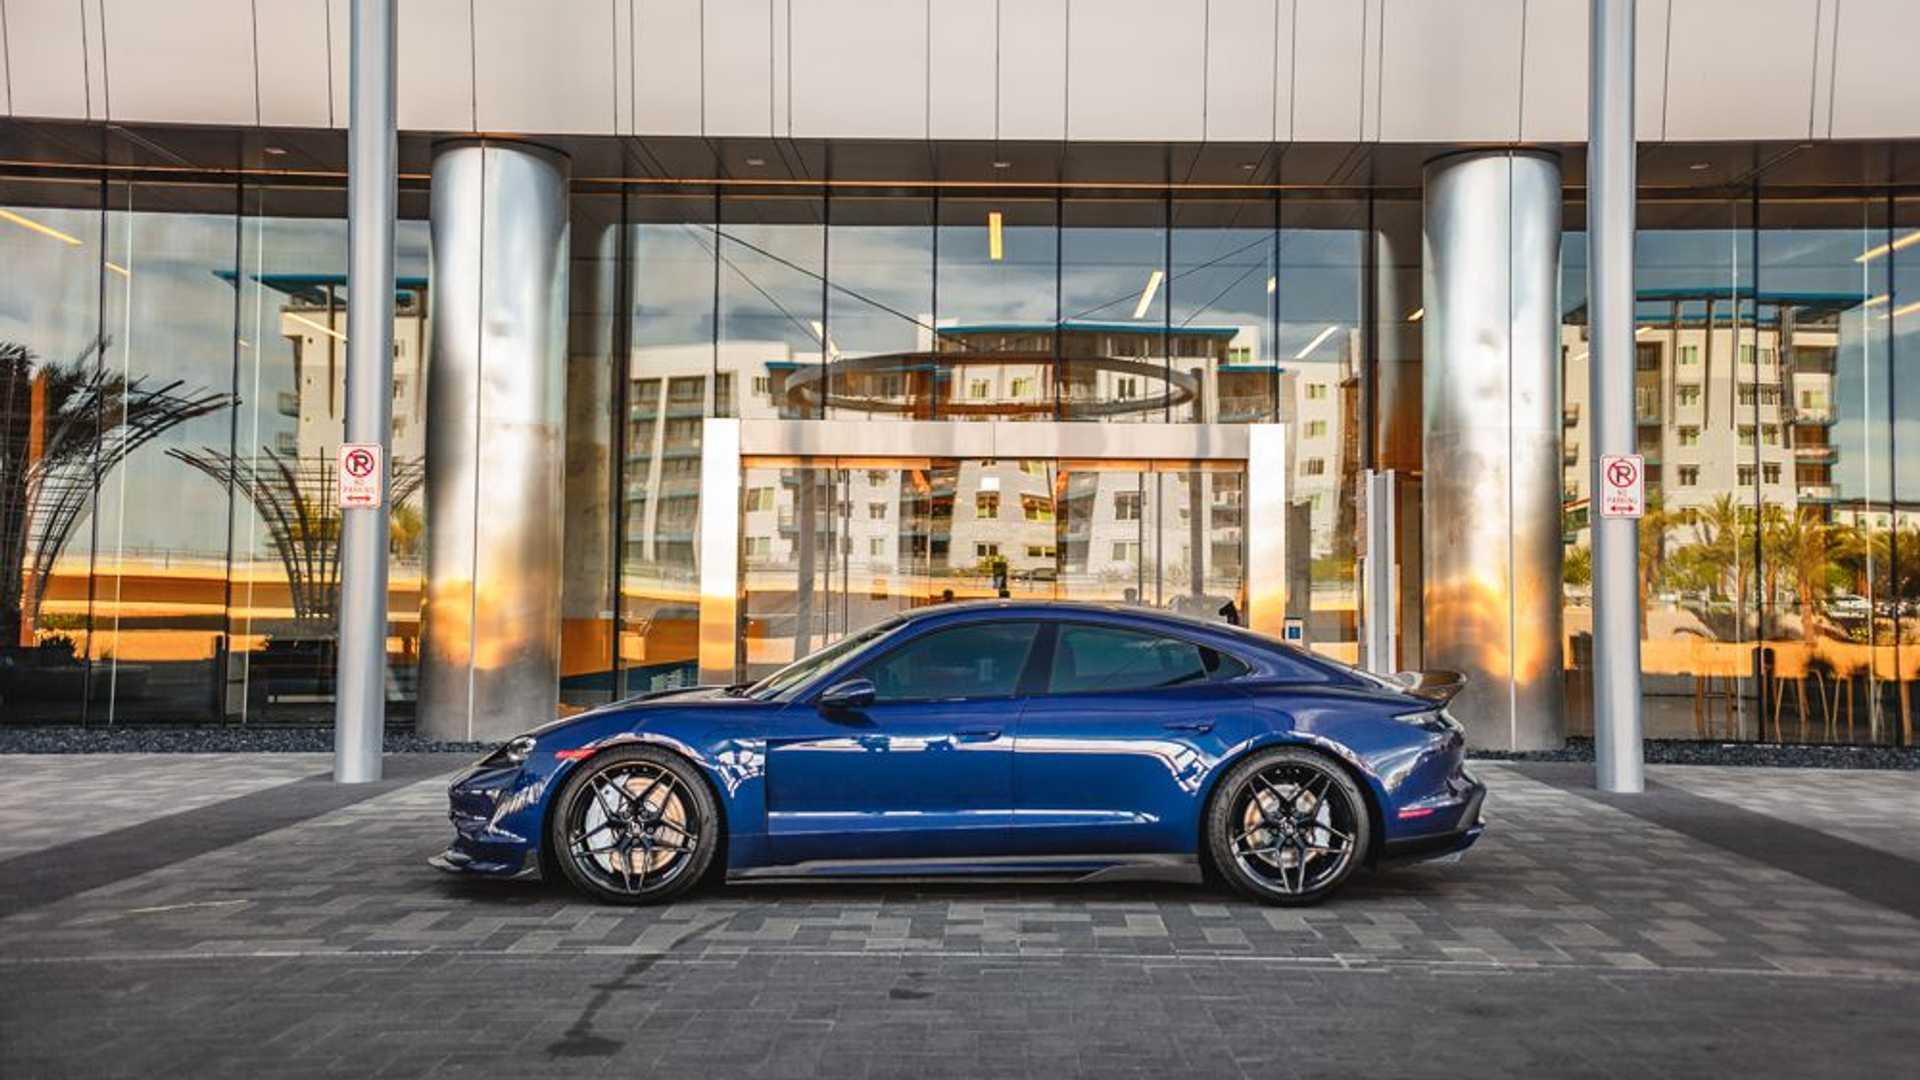 Porsche-Taycan-by-Vivid-Racing-25